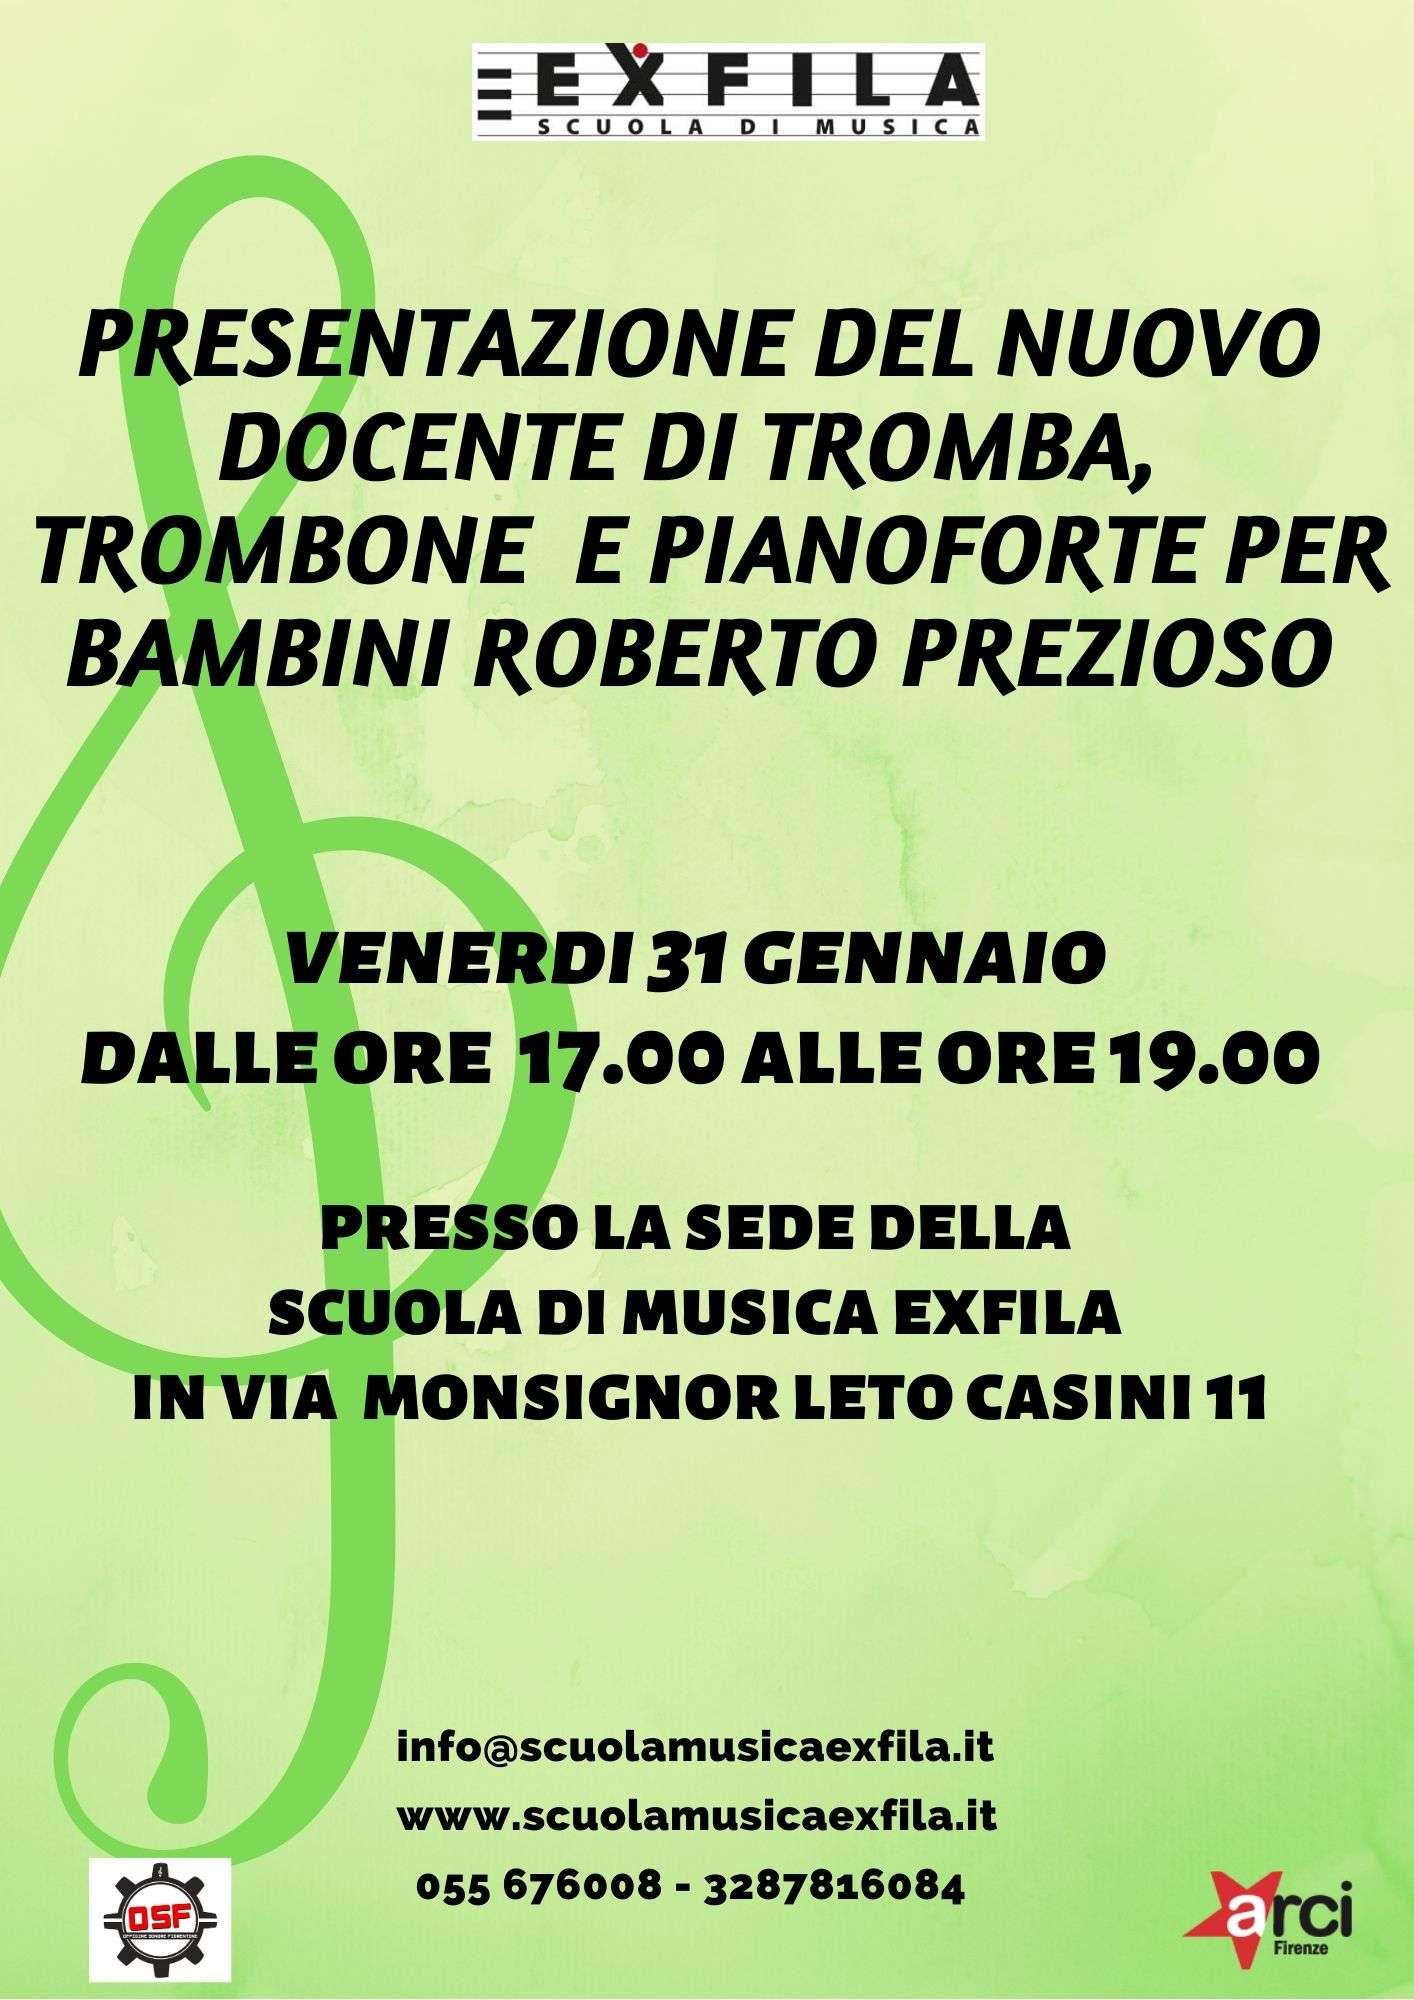 Presentazione del nuovo docente Roberto Prezioso